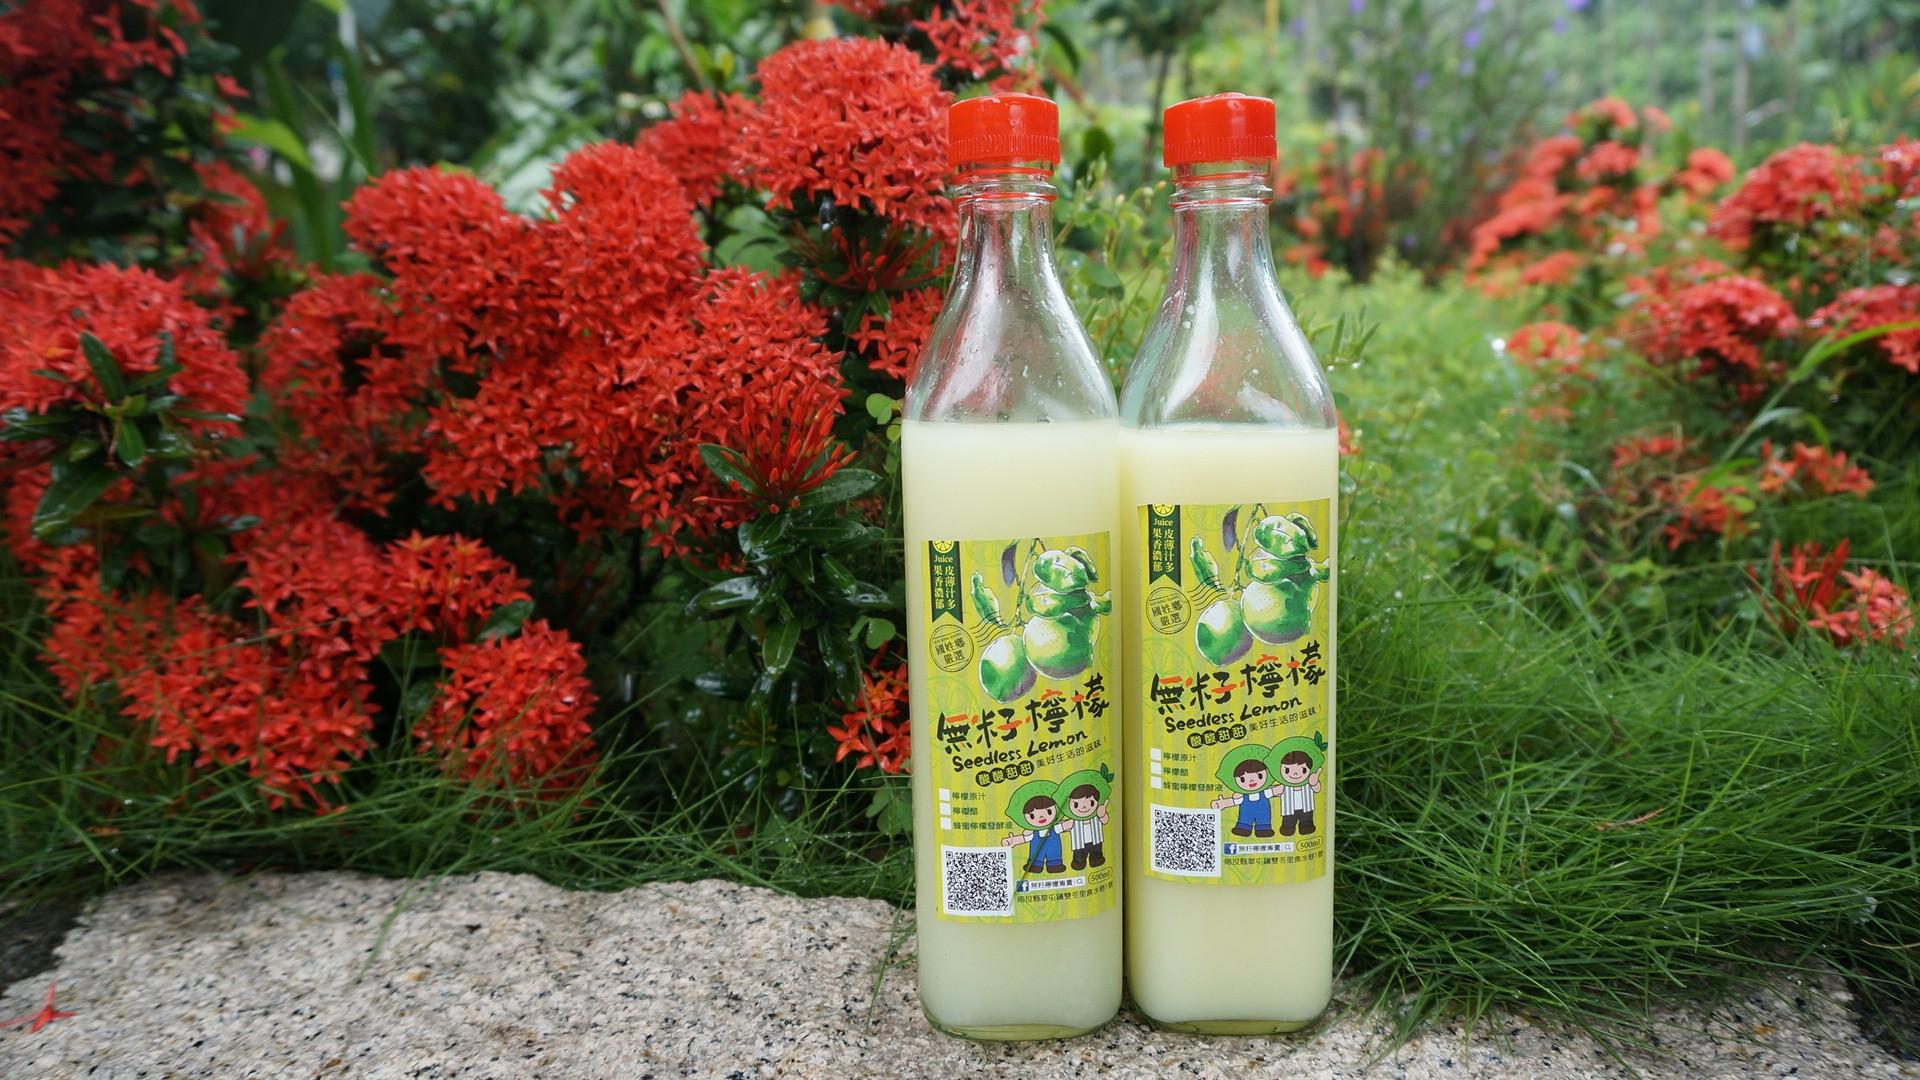 8月特價無毒檸檬原汁   鮮檸檬汁   檸檬汁   檸檬水   TLS全新生活 (15瓶)500cc&【結帳】輸入折扣碼「IU205AQRTSRP」,在打【85】折